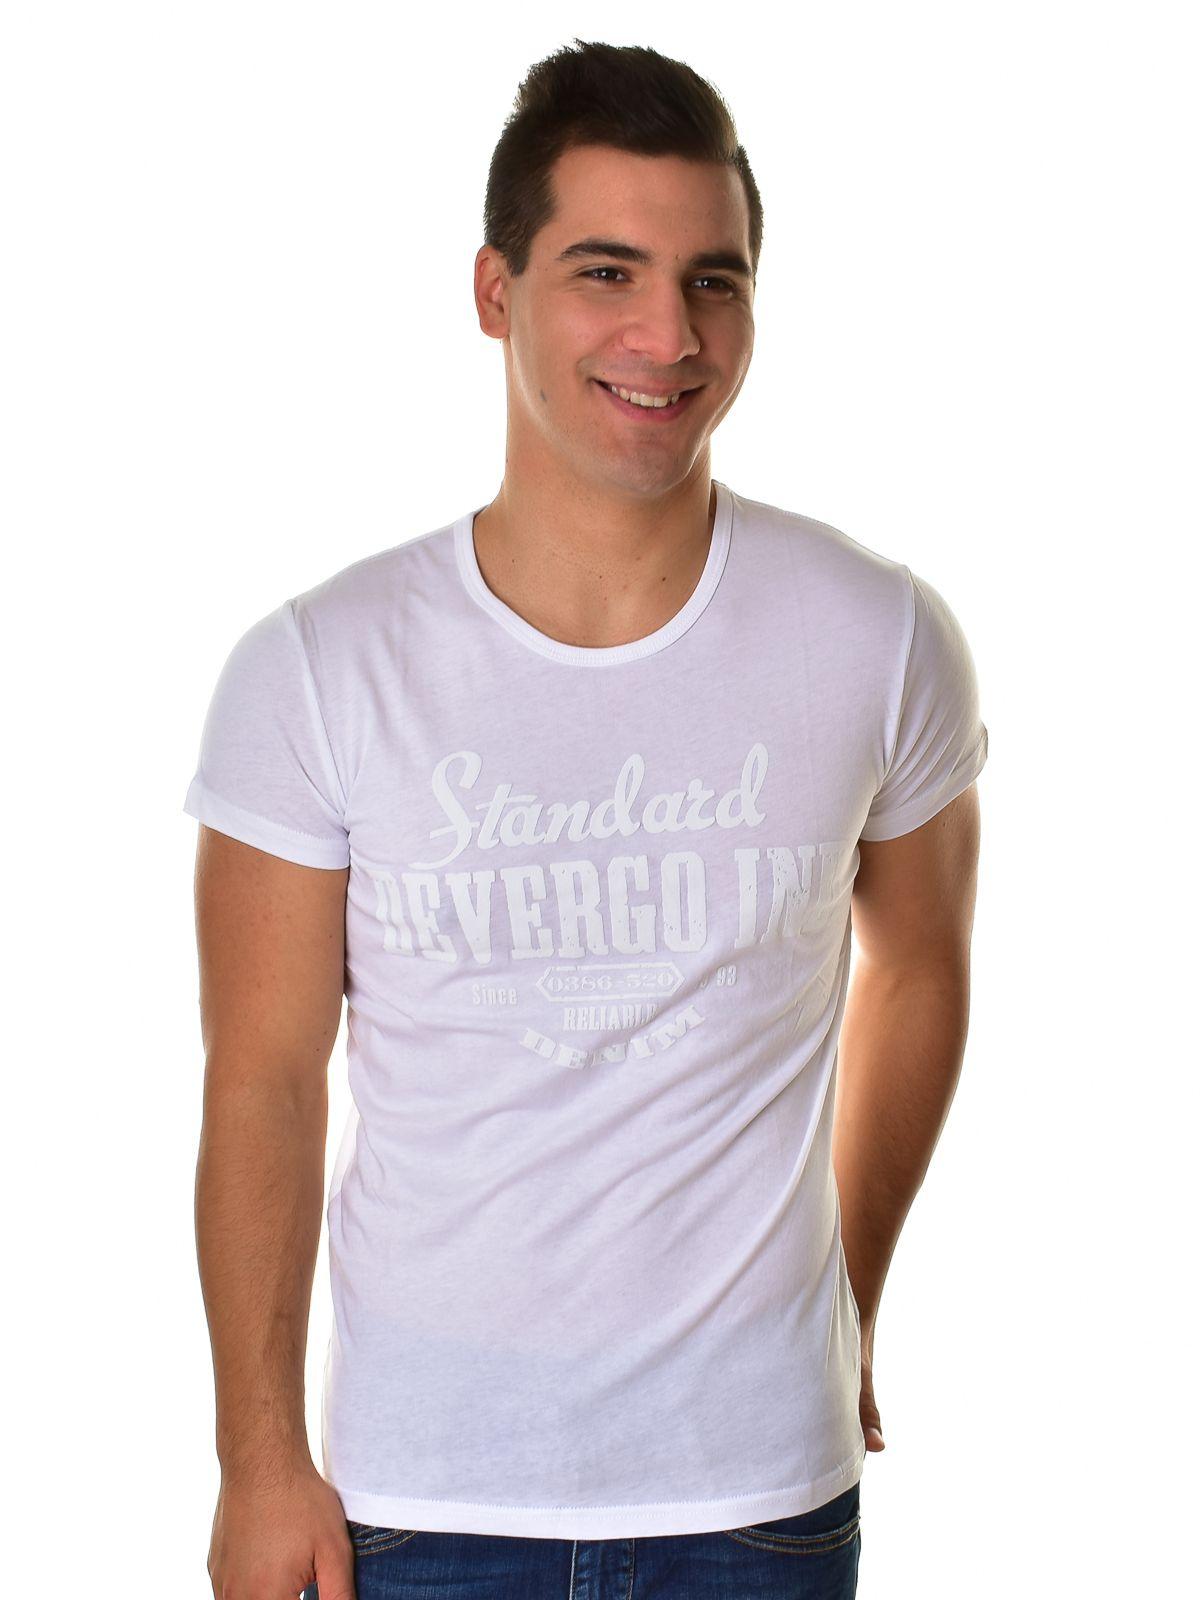 ddd0f2e5e8 Devergo férfi póló | Markasbolt.hu Hivatalos DEVERGO forgalmazó